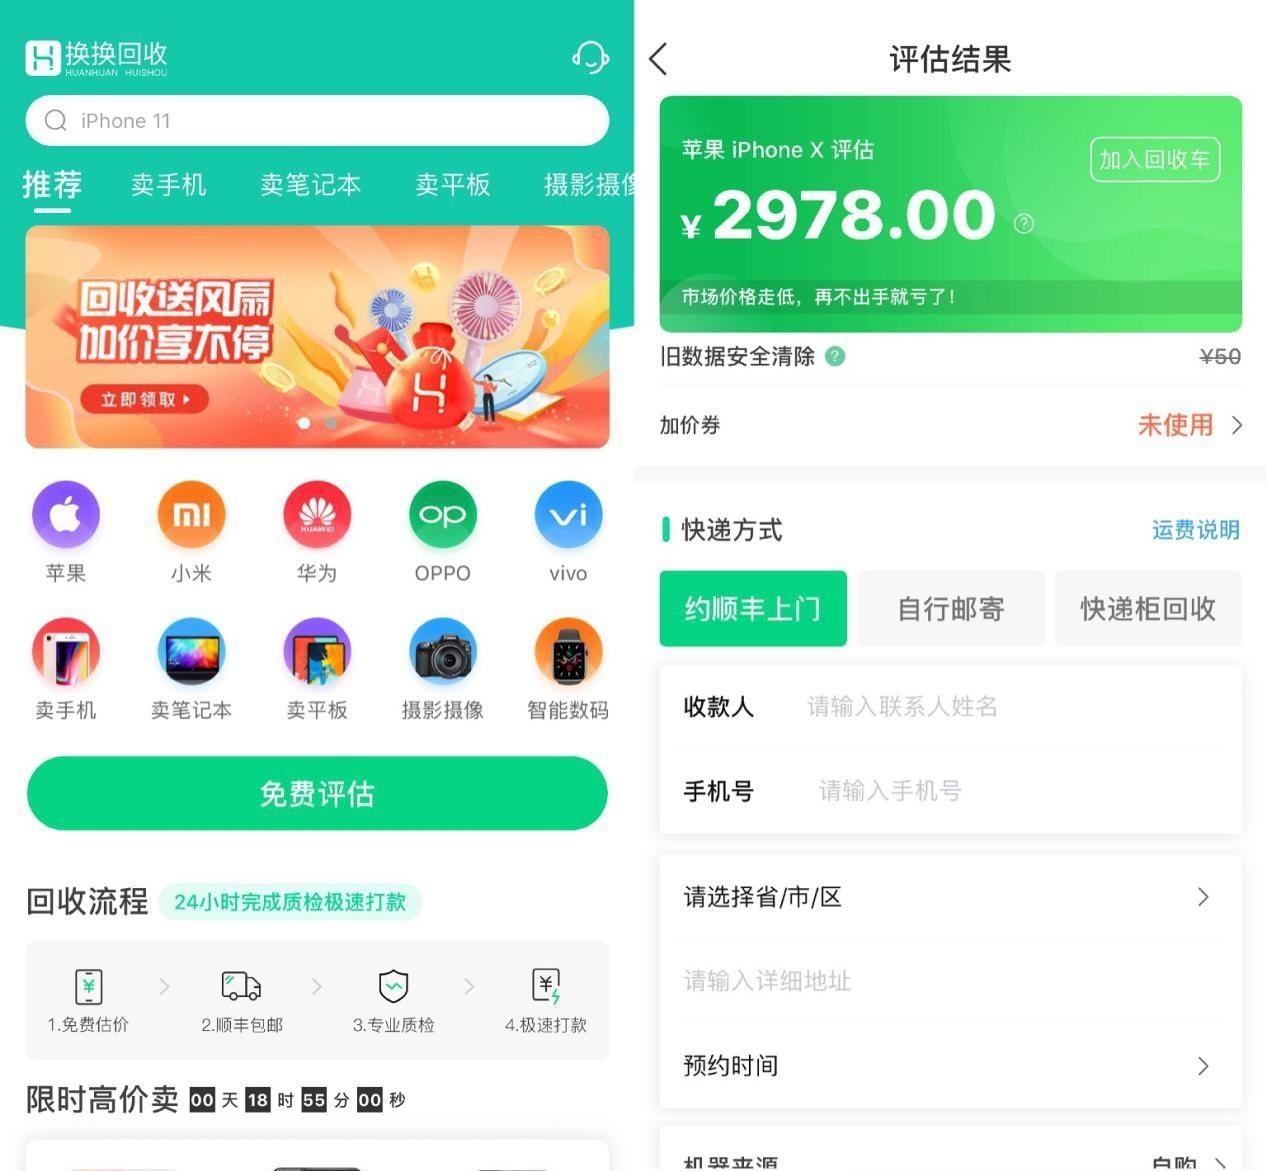 iphone7 plus值多少钱(2021苹果iphone7 plus回收报价)